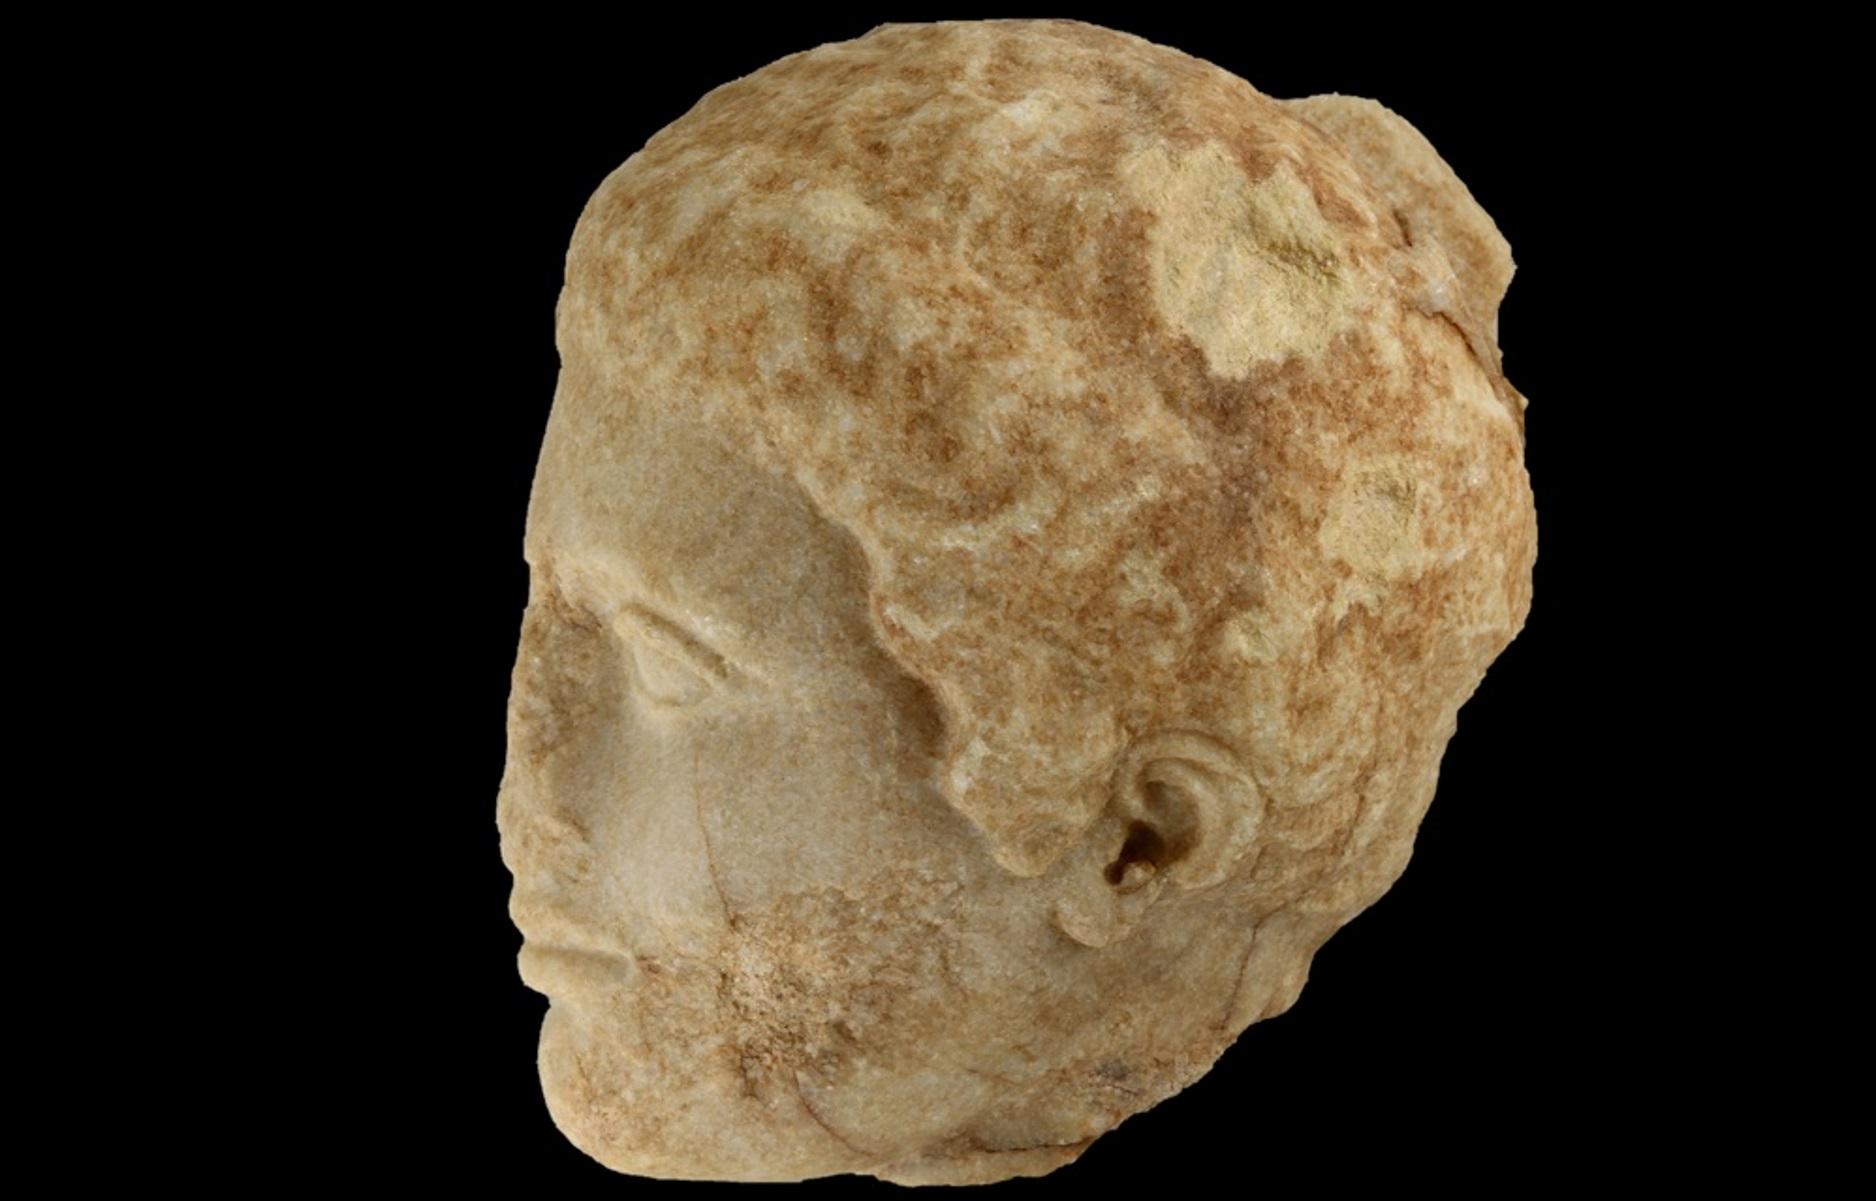 Φαλάσαρνα: Σπουδαία αρχαιολογικά ευρήματα αποκαλύπτουν ανασκαφές που άρχισαν το 1986